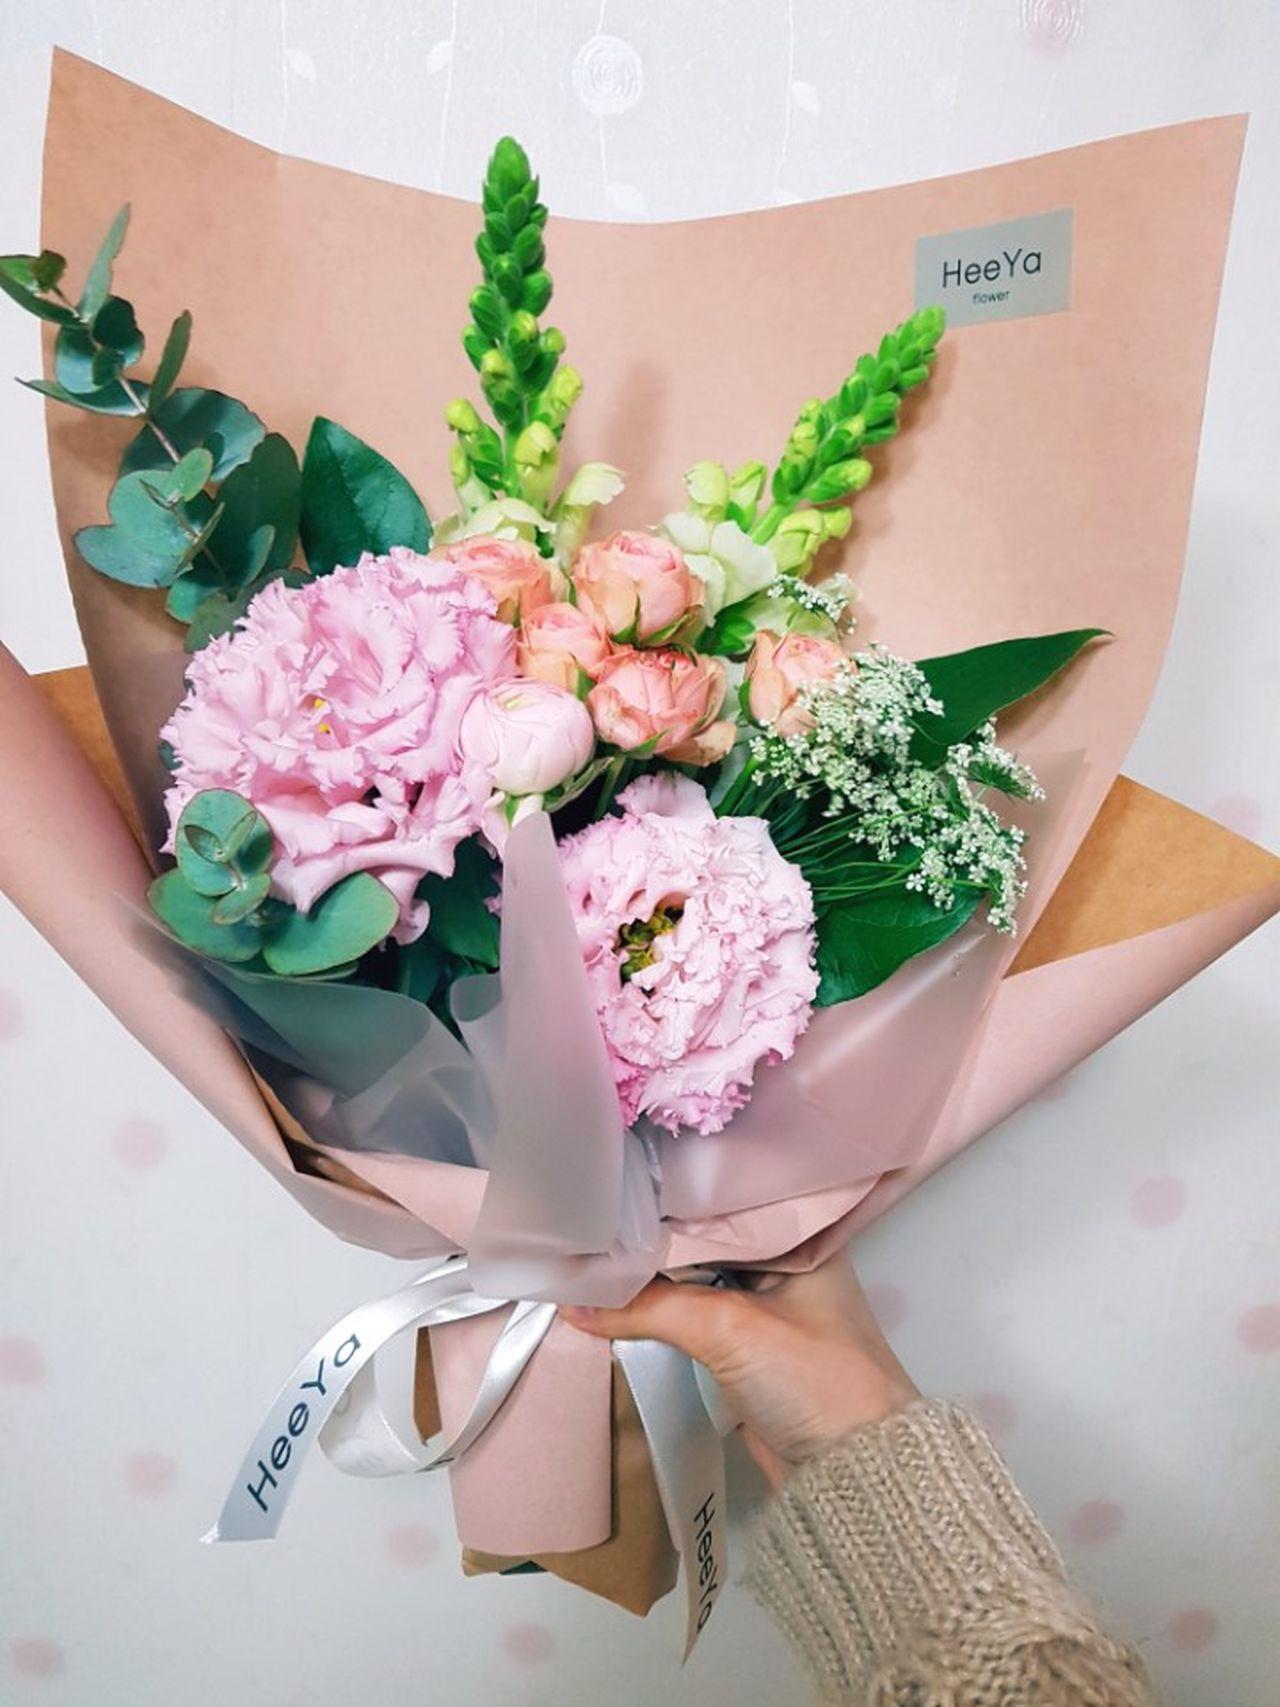 화이트데이 선물로 꽃다발..♡ 남편😙 사랑해요♥ 선물 고마워 Flower 일상 Life Daily Daily Life 소소한 이쁨 아름다움 선물받은 꽃 꽃스타그램 꽃다발